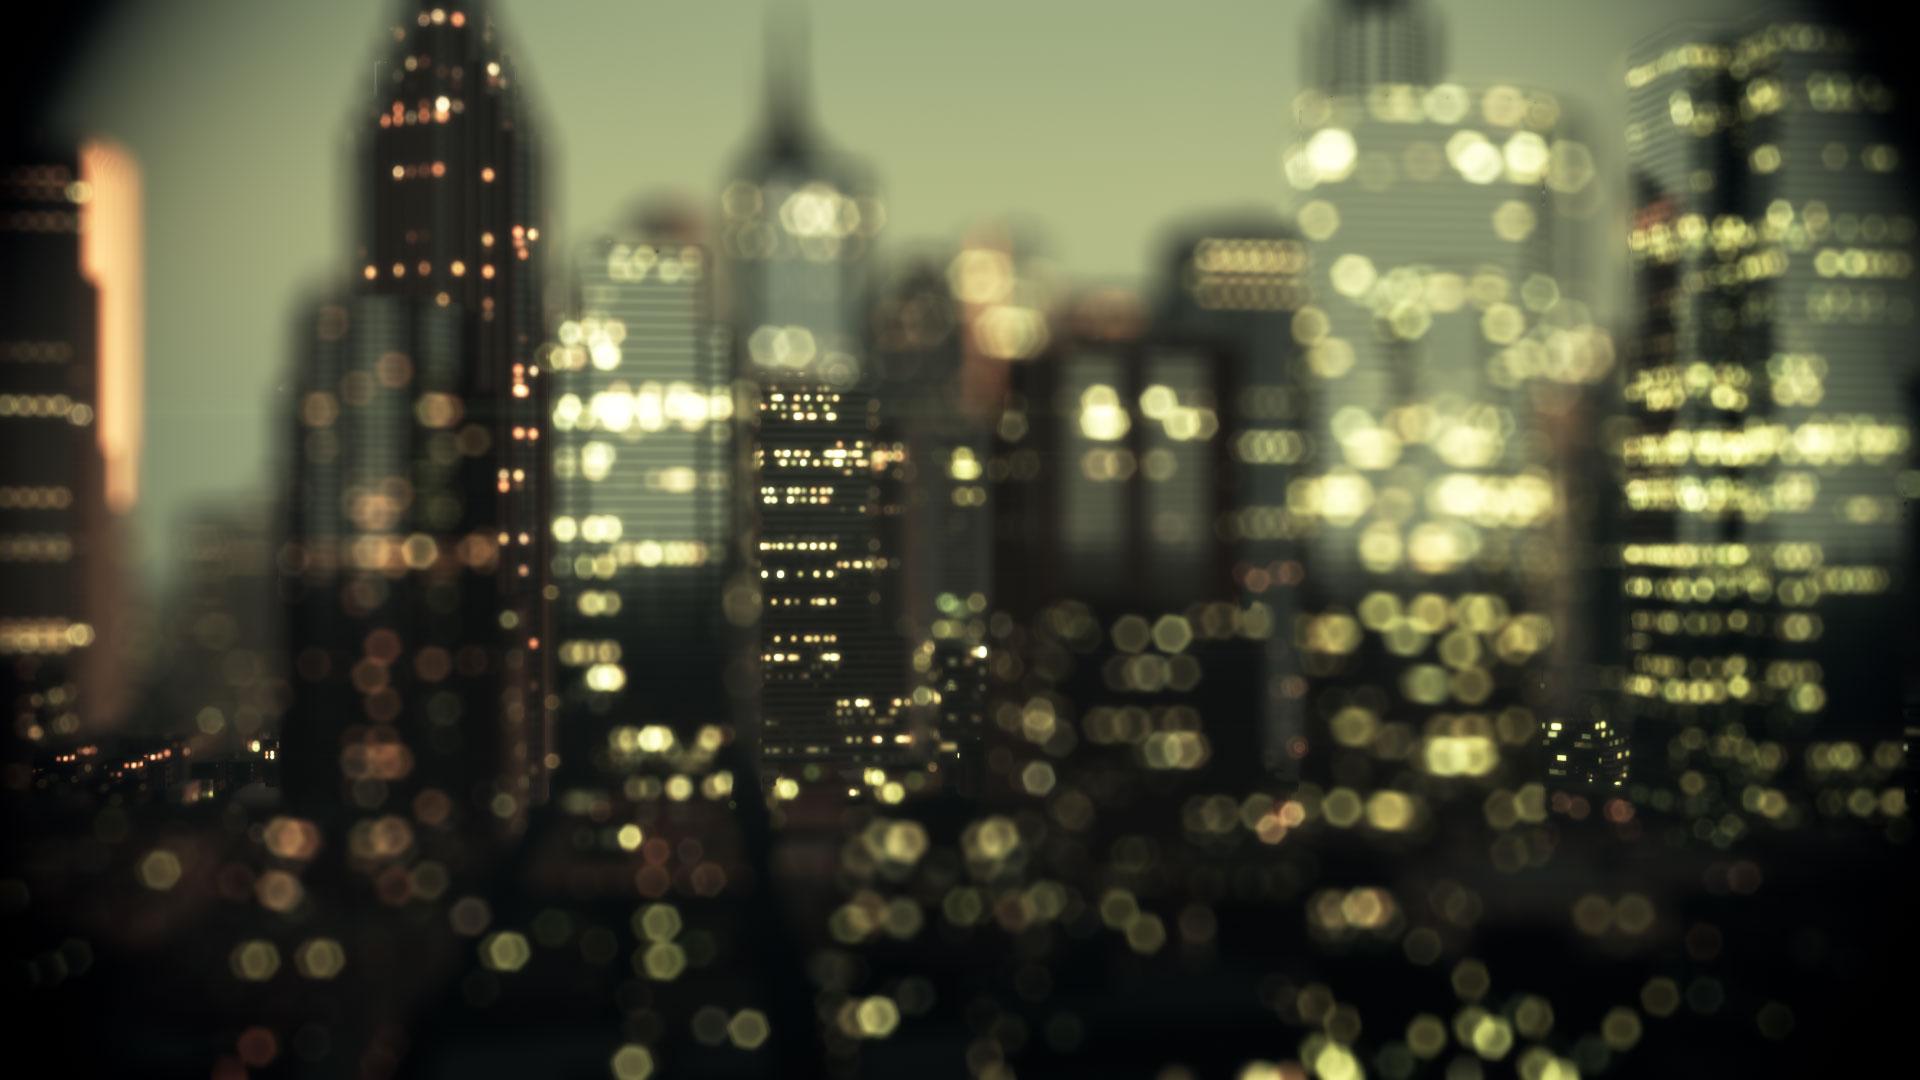 Night City 1920x1080